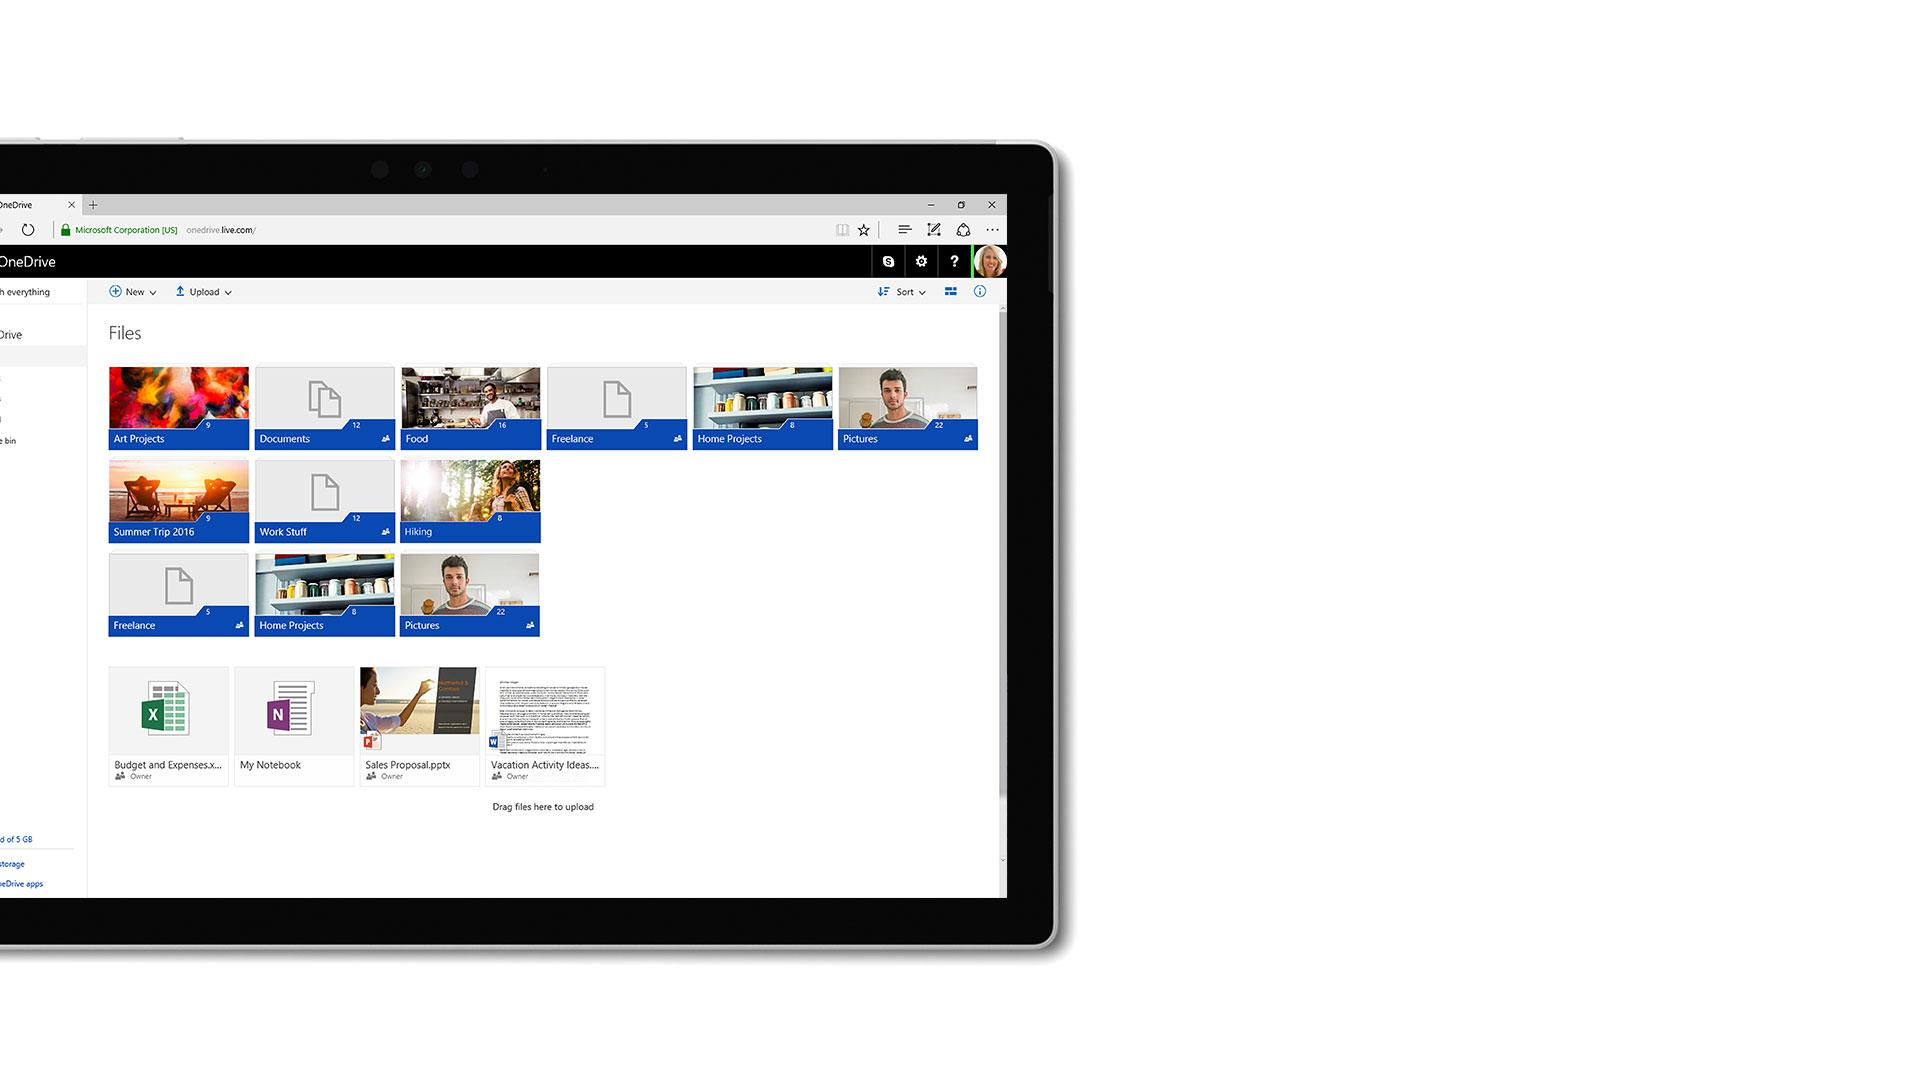 รูปส่วนติดต่อผู้ใช้ของ Microsoft OneDrive